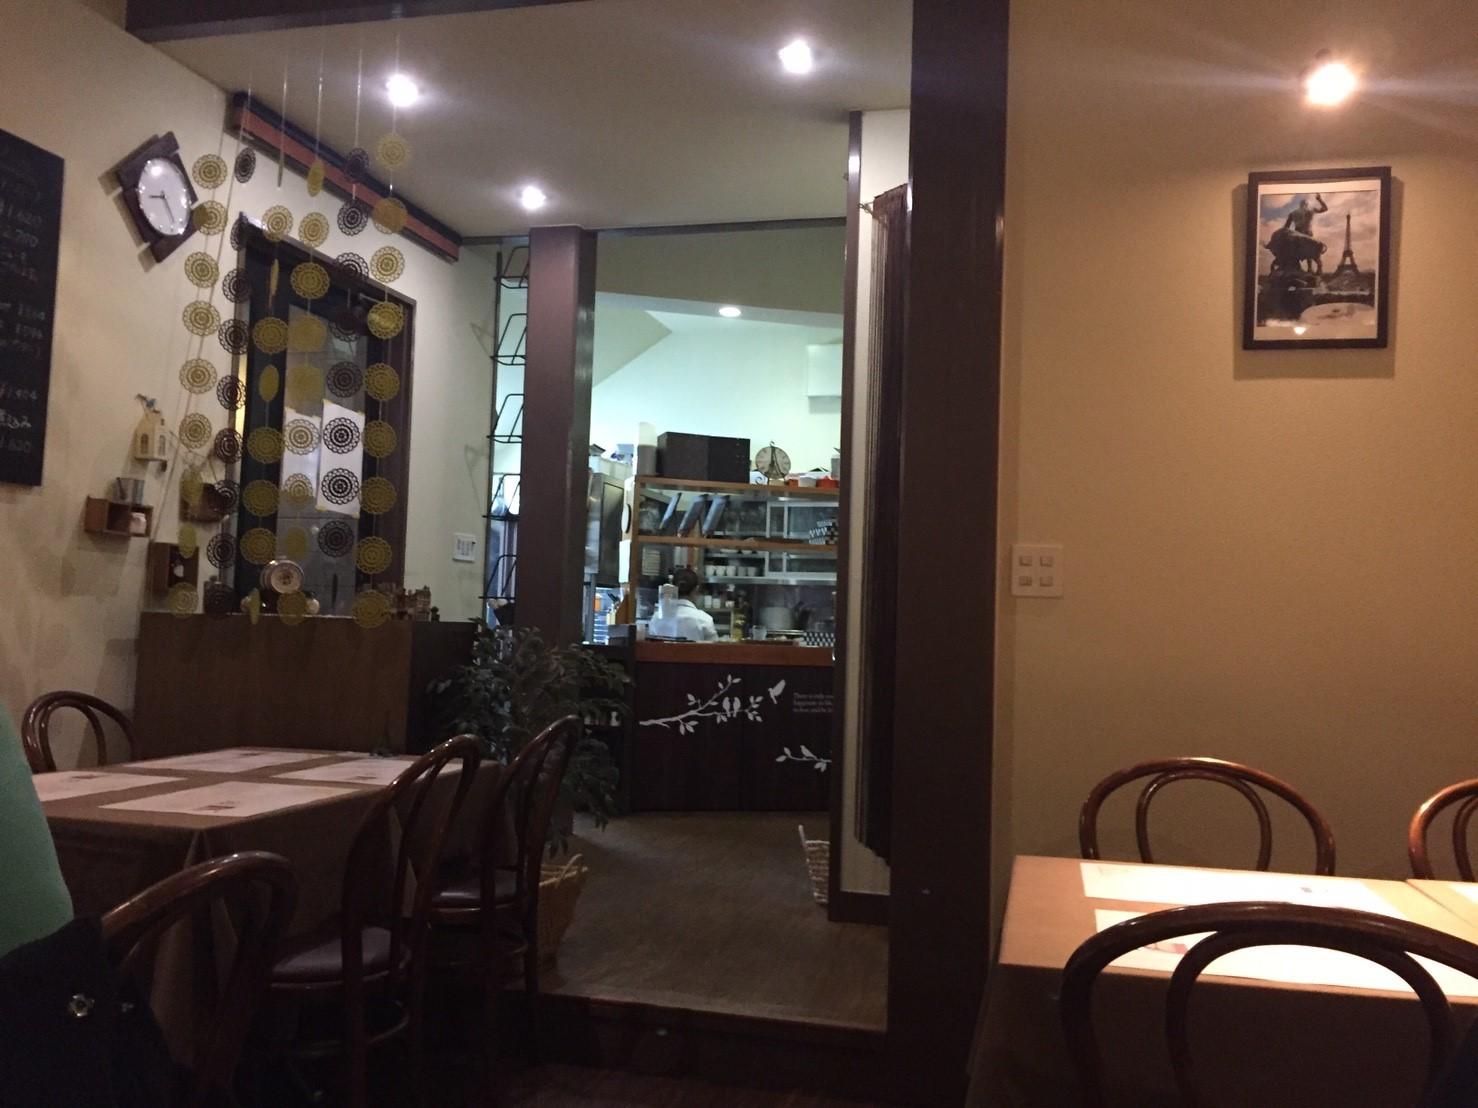 ふらんす食堂ボナペティ   ディナー_e0115904_20304443.jpg